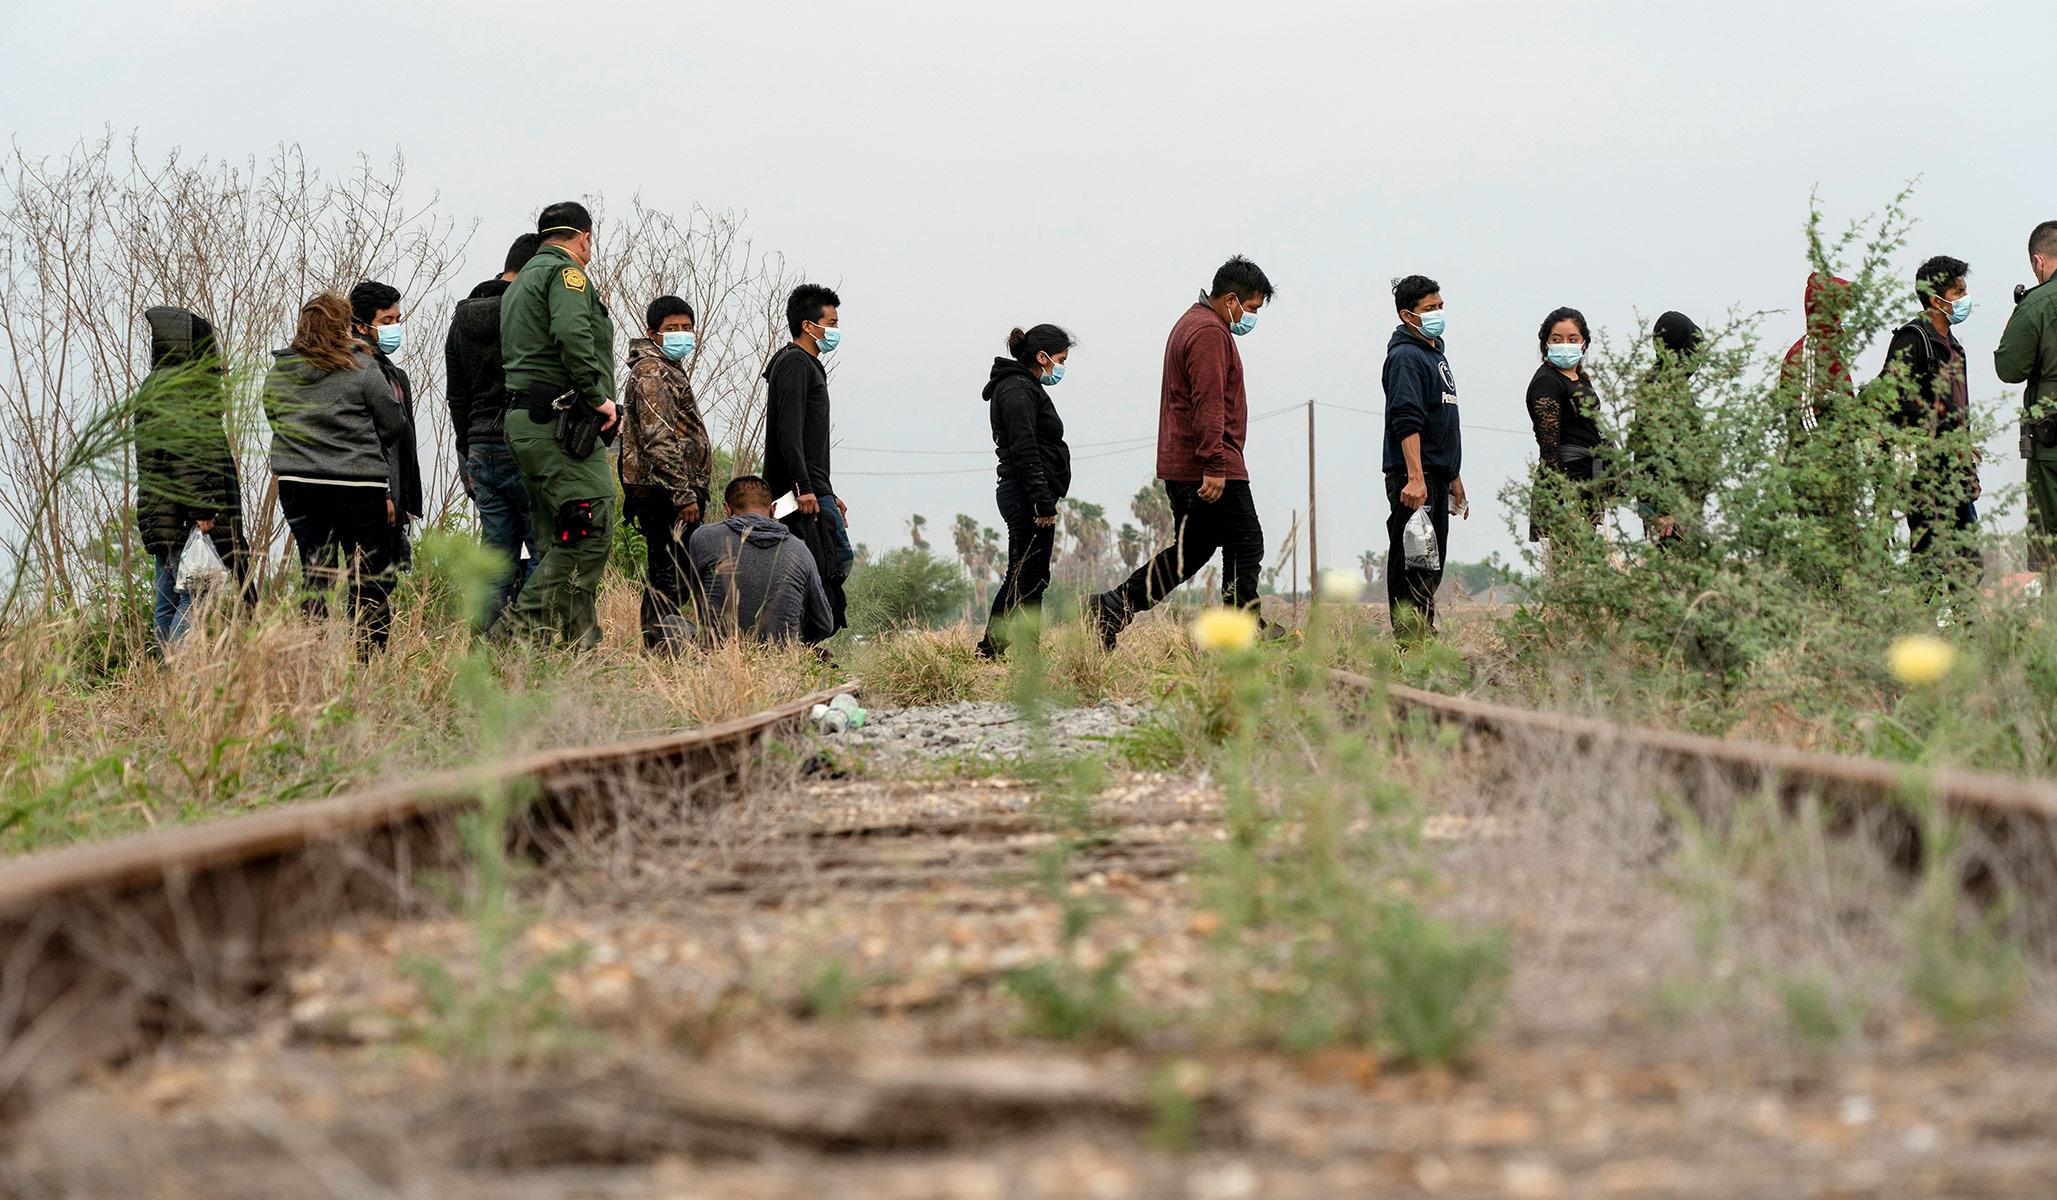 Kebijakan Imigrasi: Amnesti Tidak Adil bagi Imigran Legal